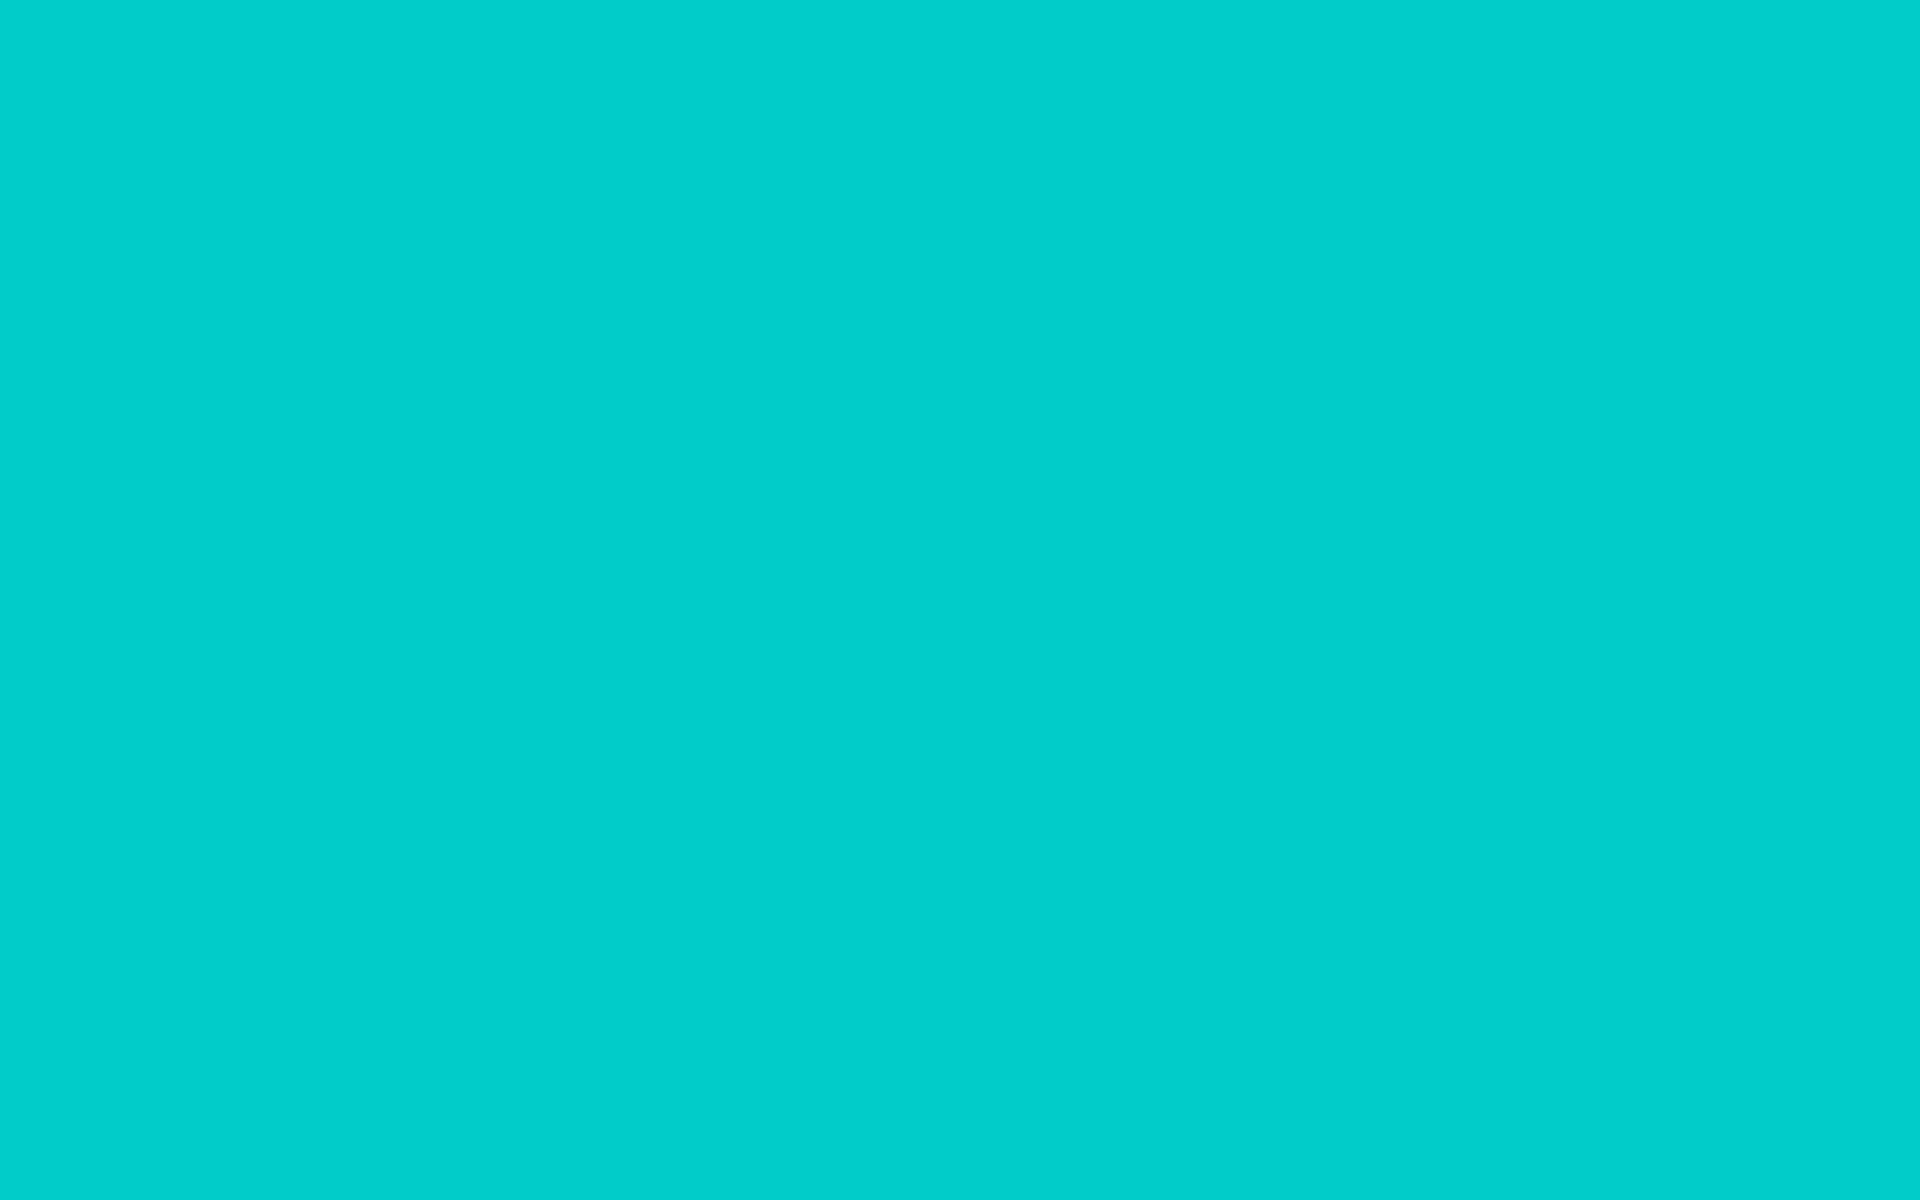 1920x1200 Robin Egg Blue Solid Color Background